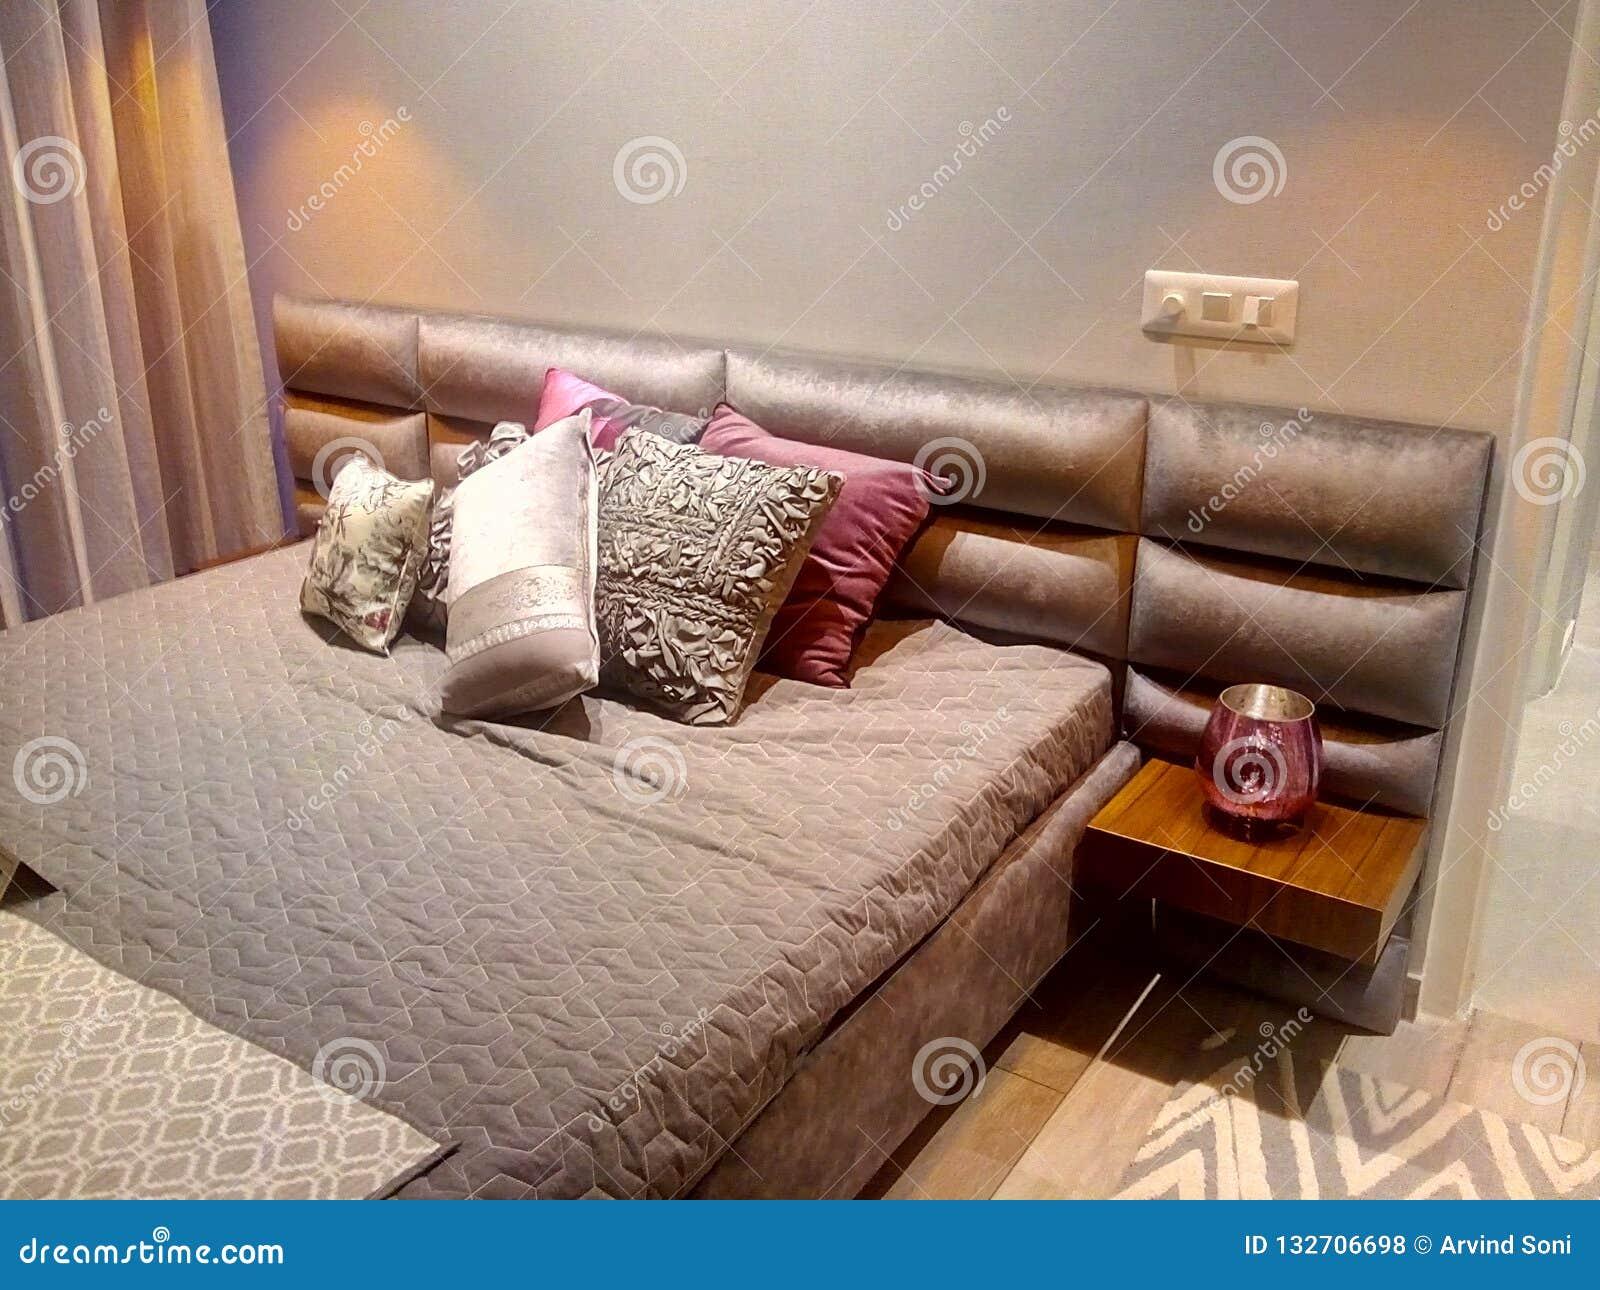 bedroom pillows mattress bed